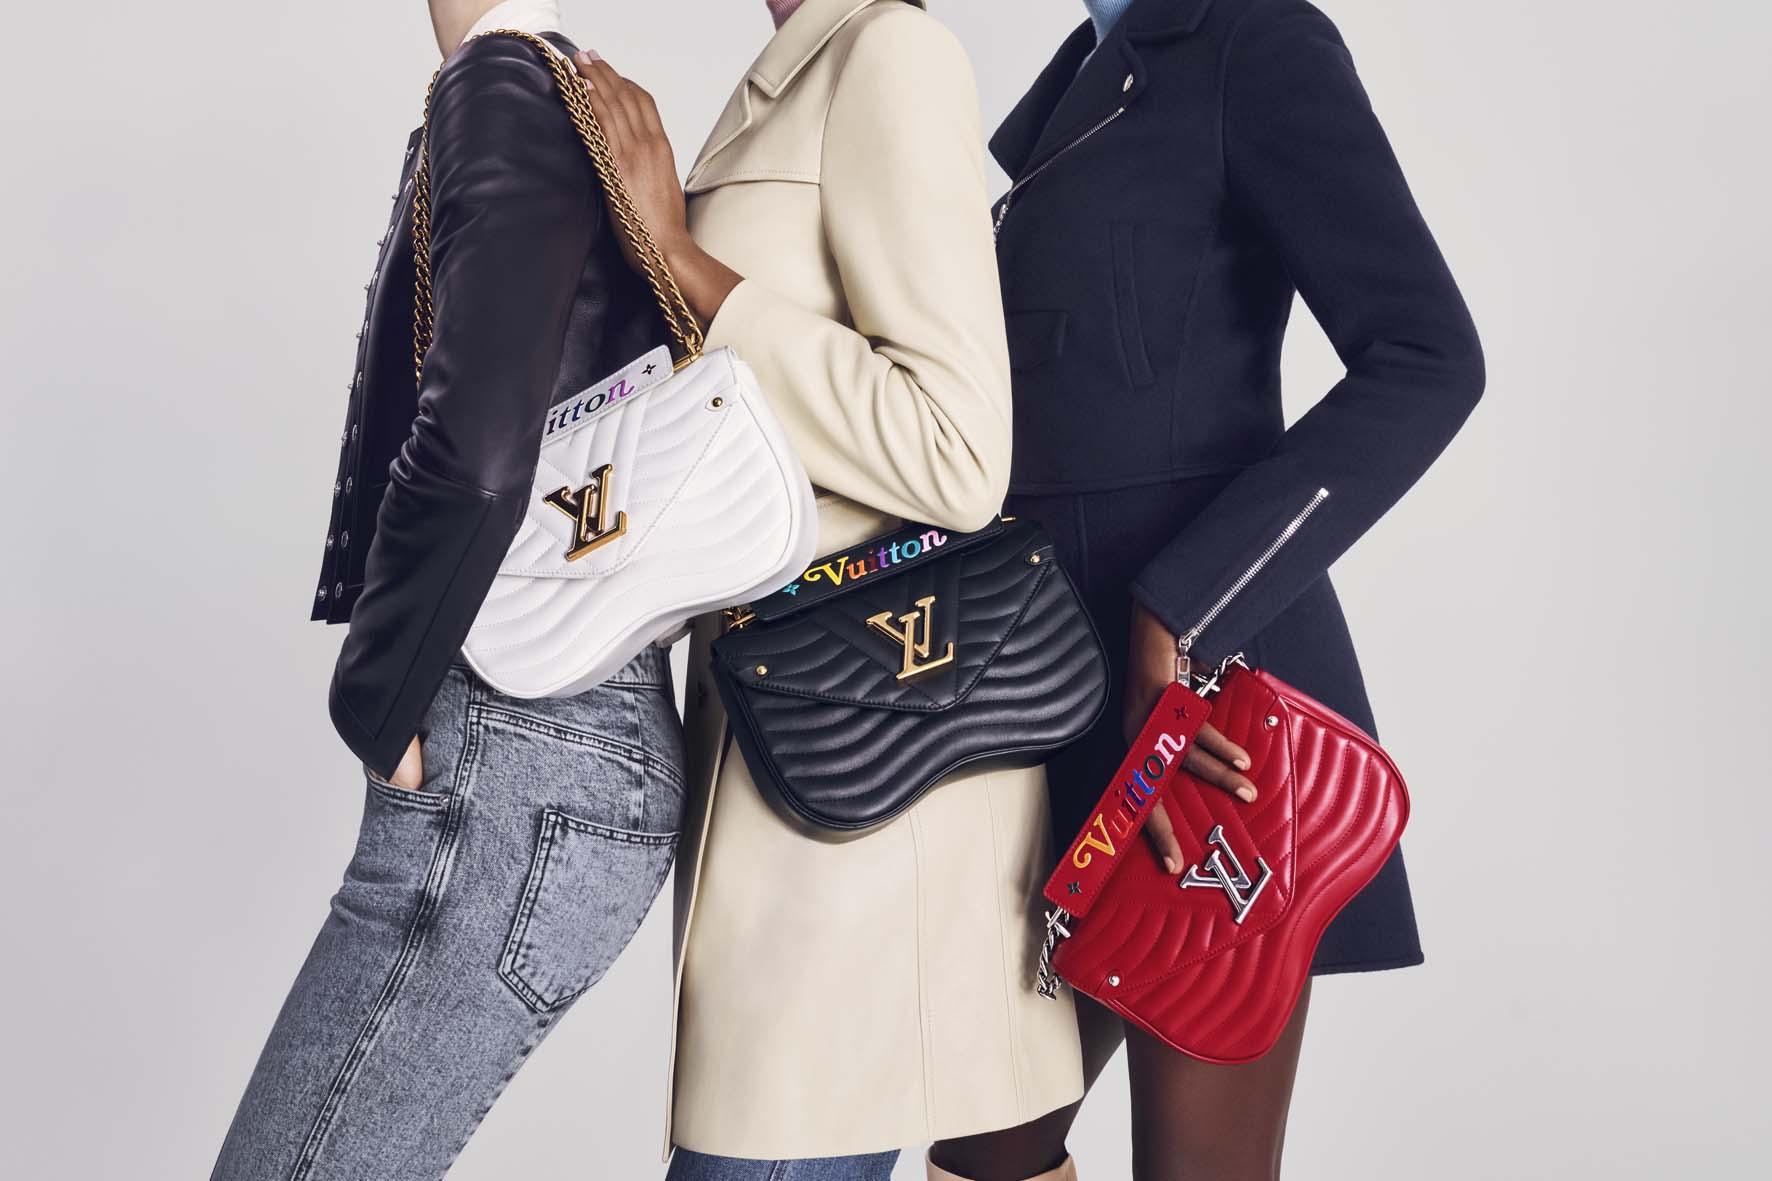 New Wave, la nouvelle collection de sacs Louis Vuitton   VieDeLuxe.fr 4bcb408fb84